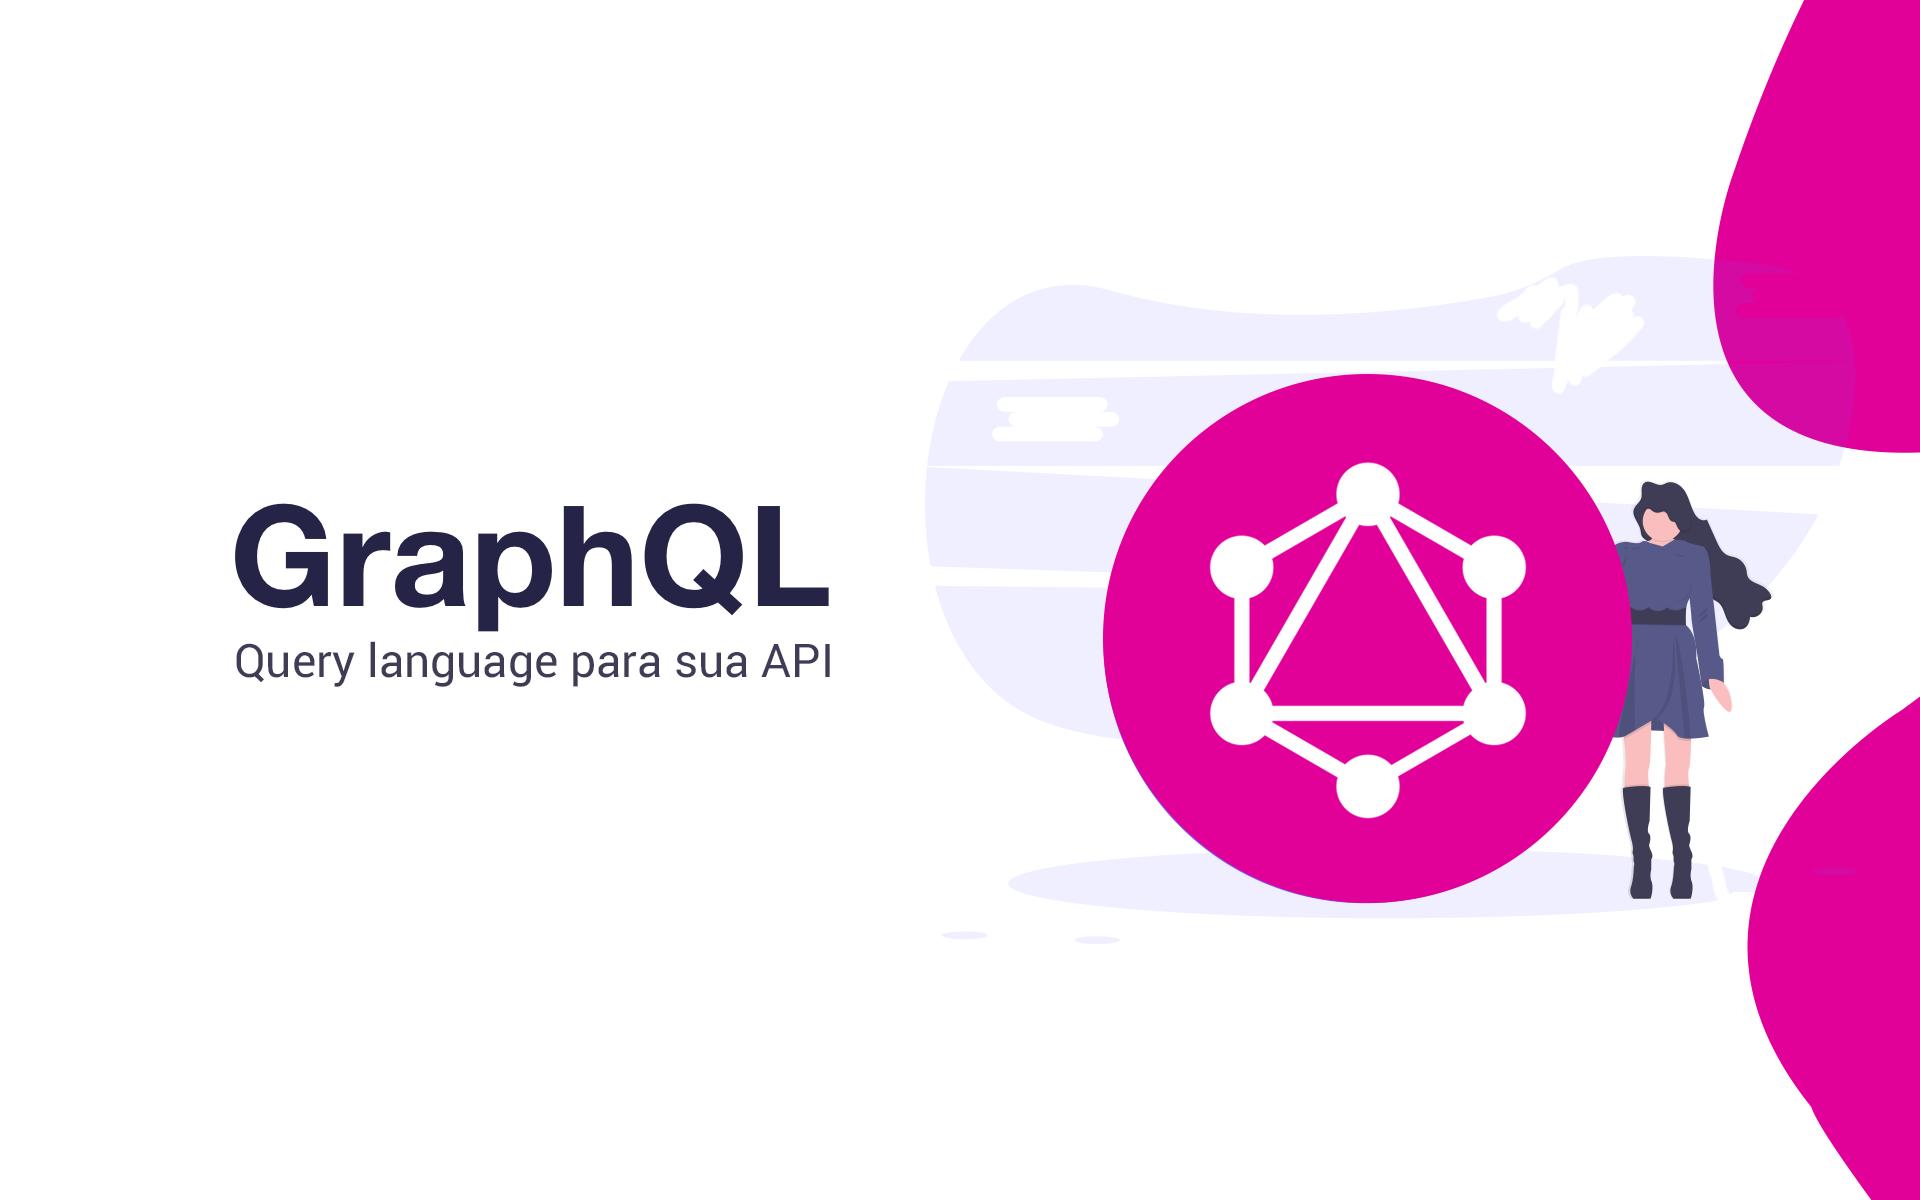 GraphQL: API intuitiva e flexível para descrever requisitos